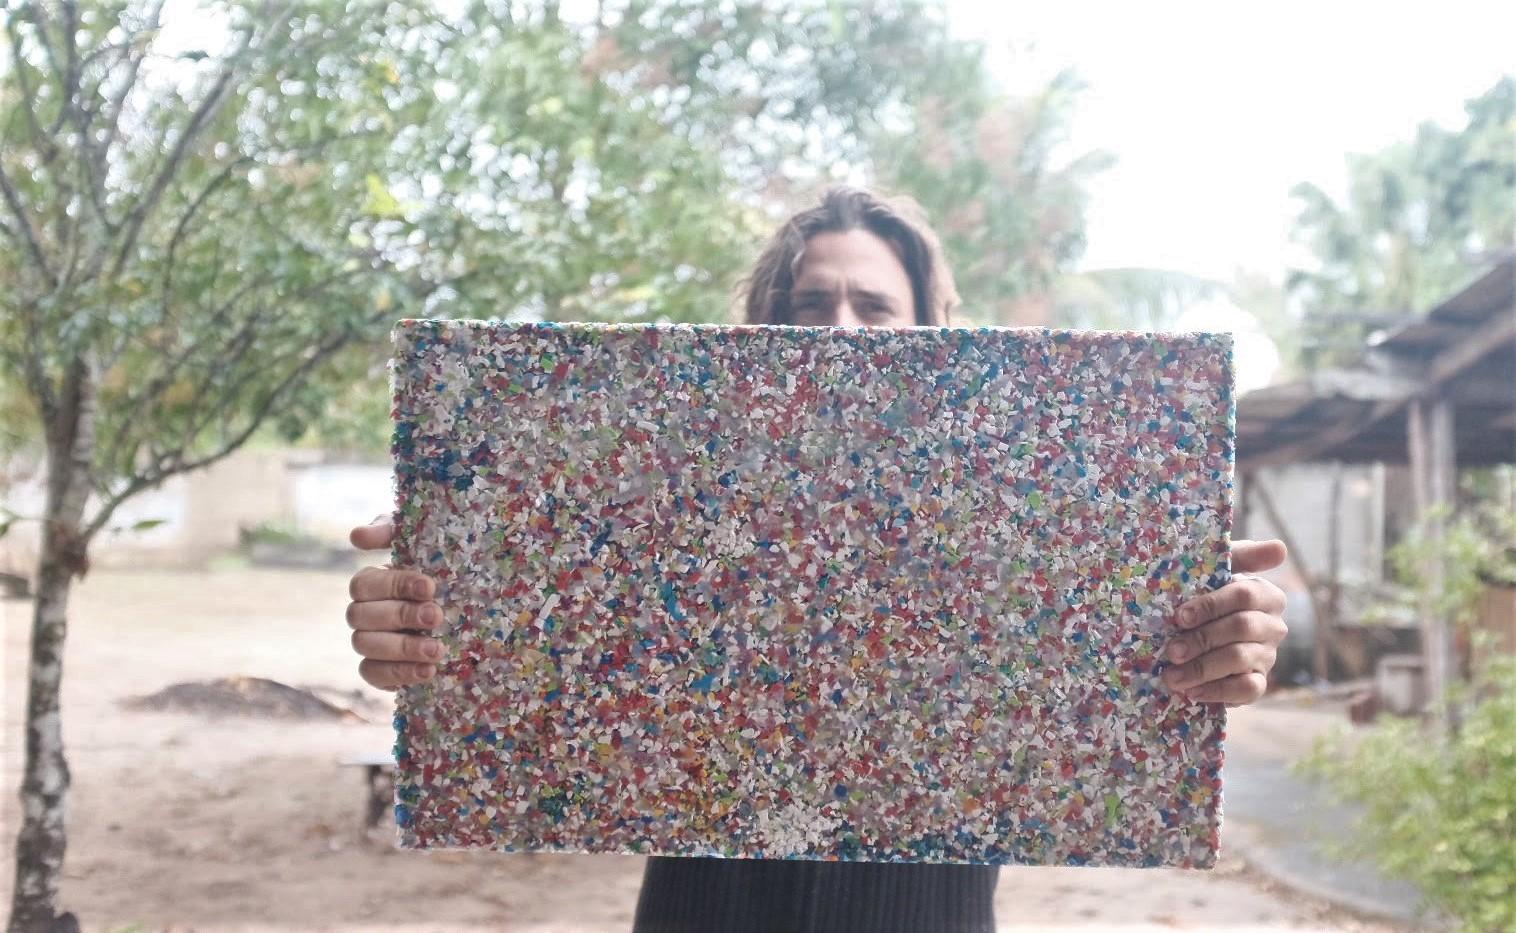 Homem segura placa com pedaços de plástico triturados e prensados